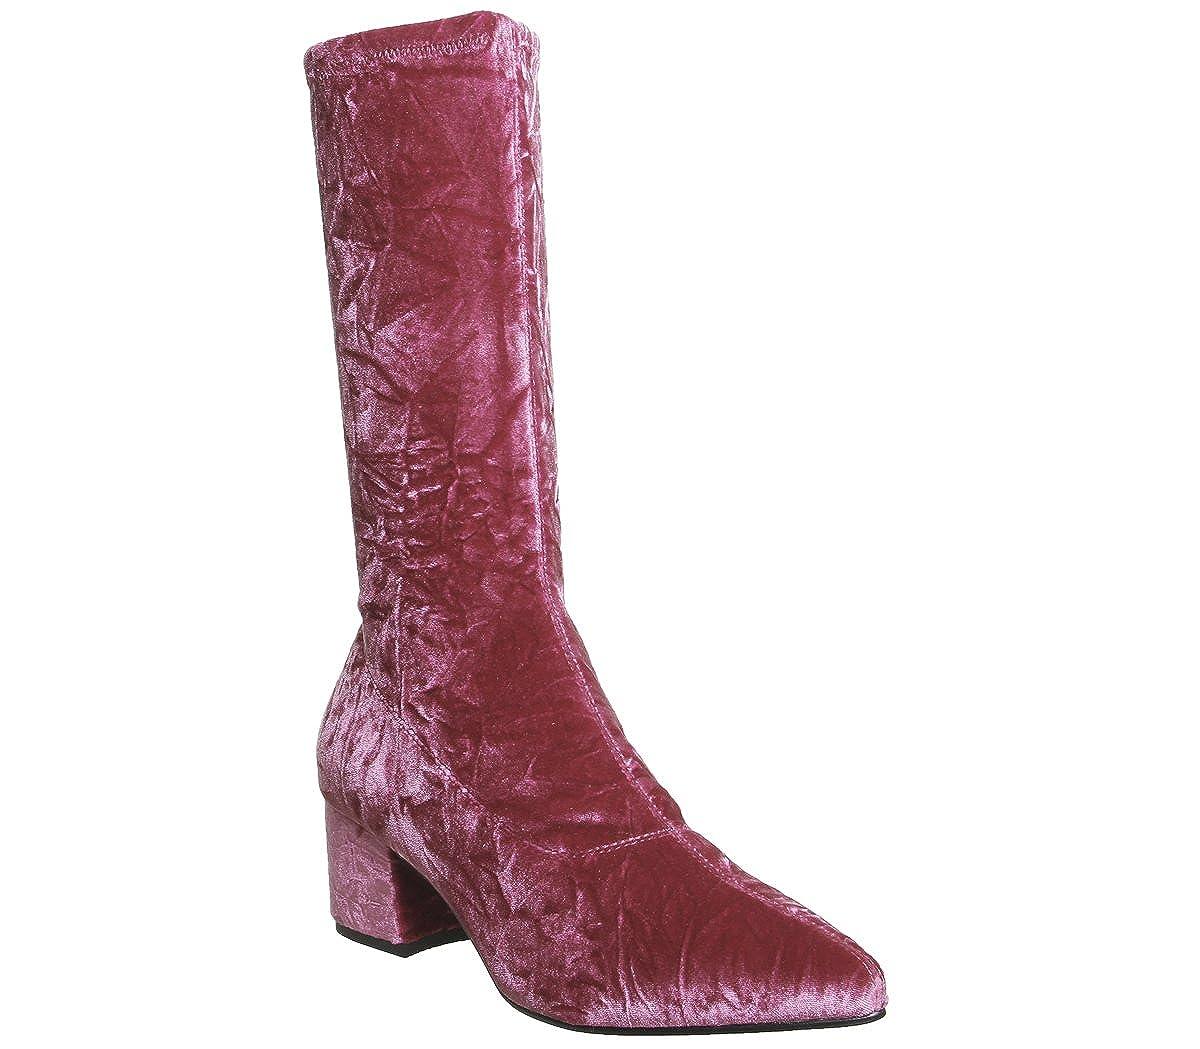 Vagabond Damen MYA Stretch Stiefel Stiefel Stiefel Rosa fc0fd4